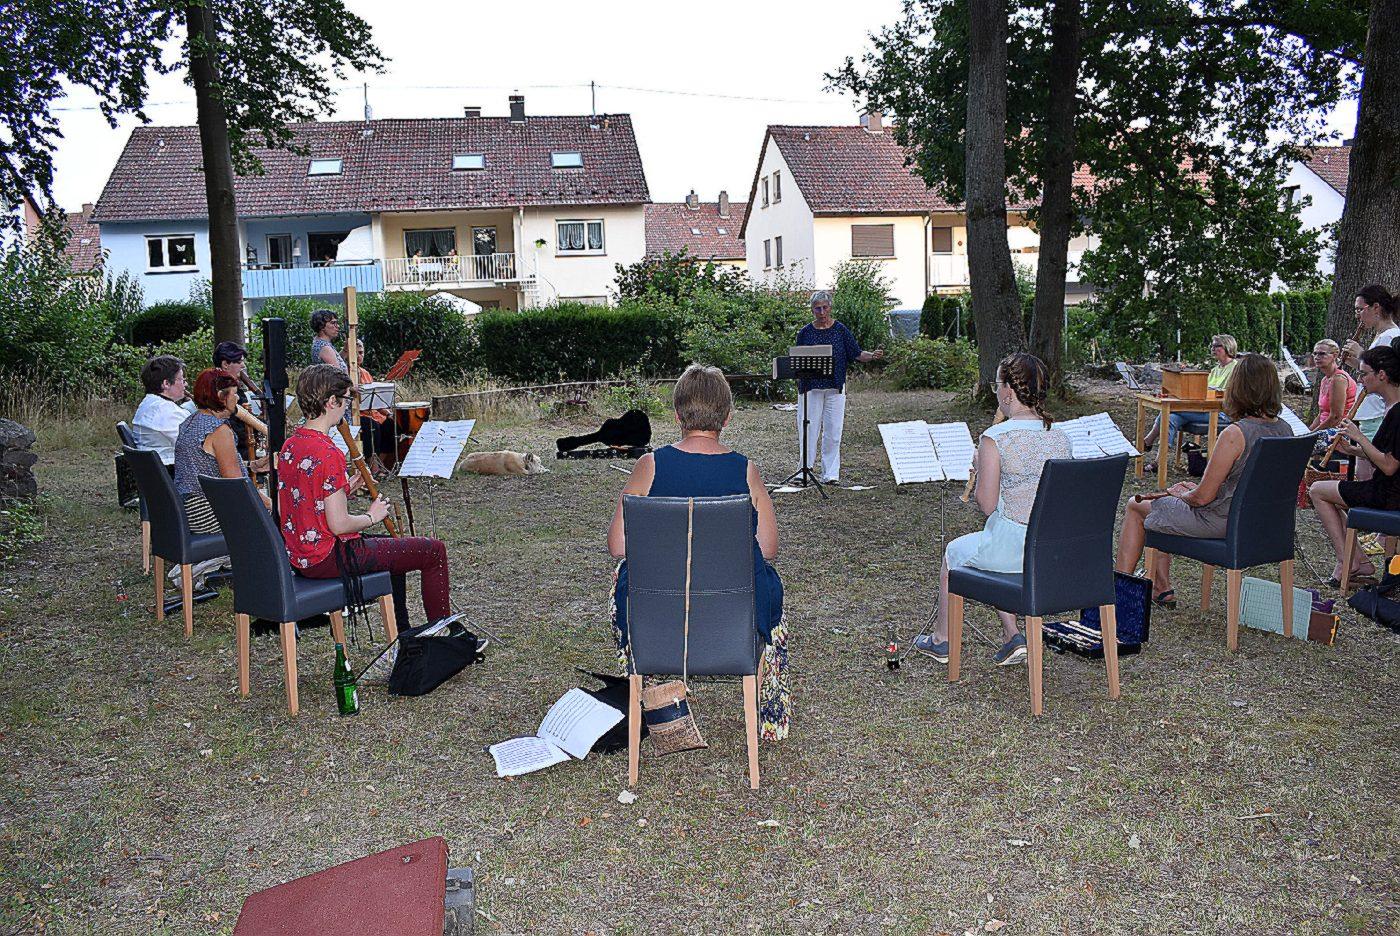 Musikprobe im Freien